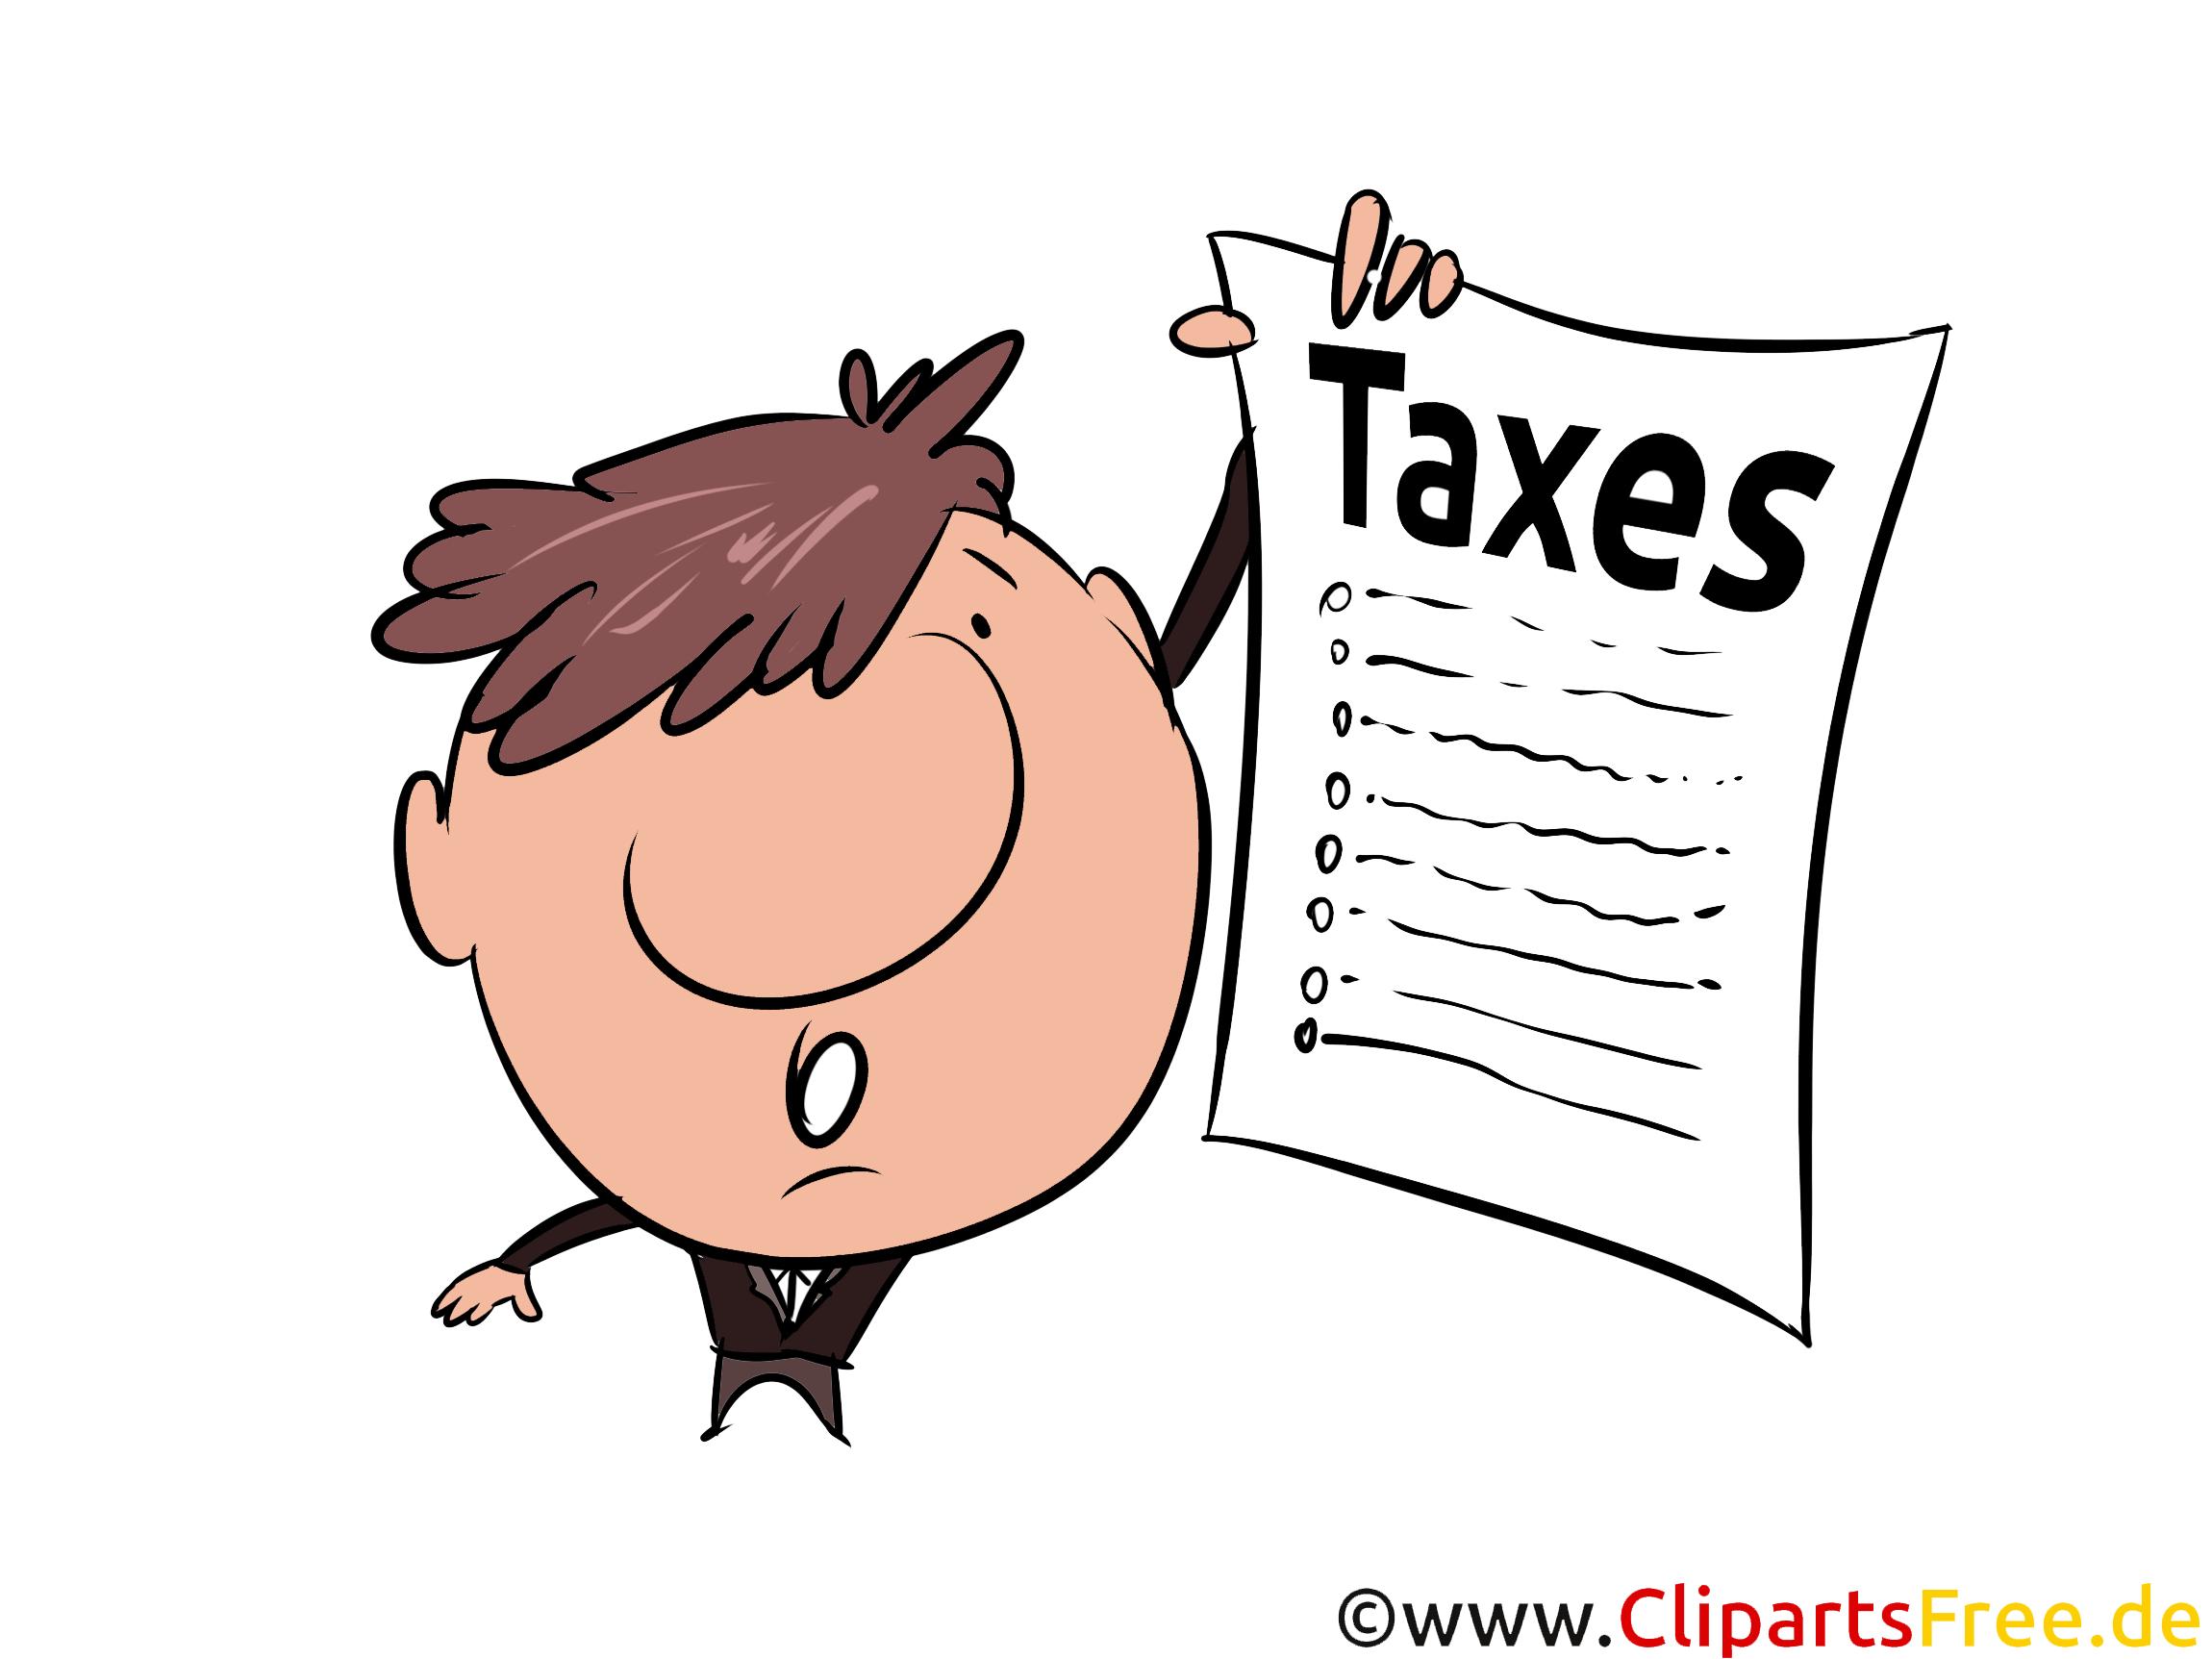 Umsatzsteuererklärung Cliparts, Bilder, Illustrationen gratis